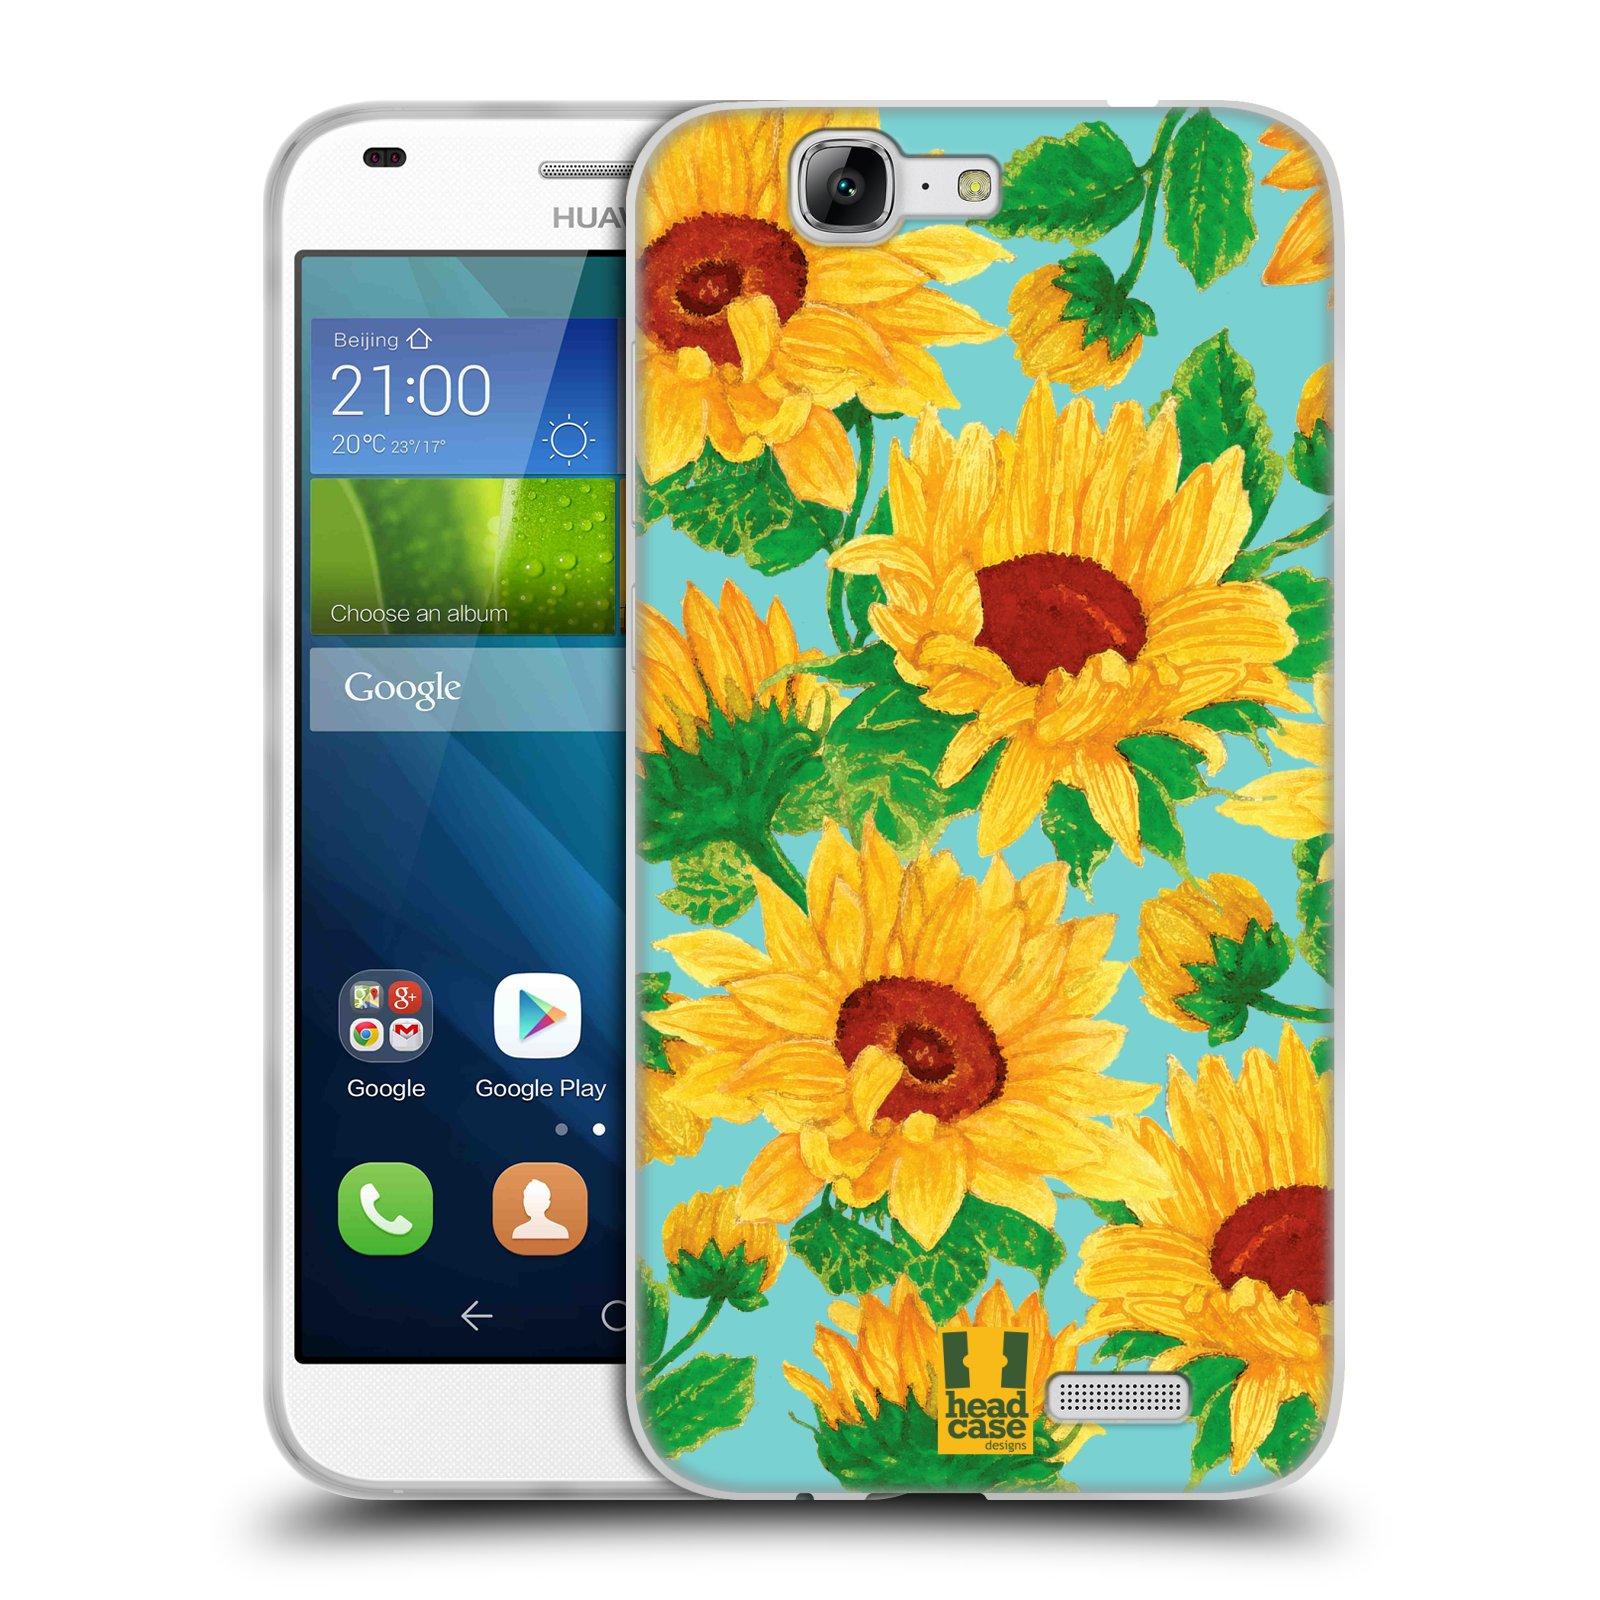 Silikonové pouzdro na mobil Huawei Ascend G7 HEAD CASE Slunečnice (Silikonový kryt či obal na mobilní telefon Huawei Ascend G7)